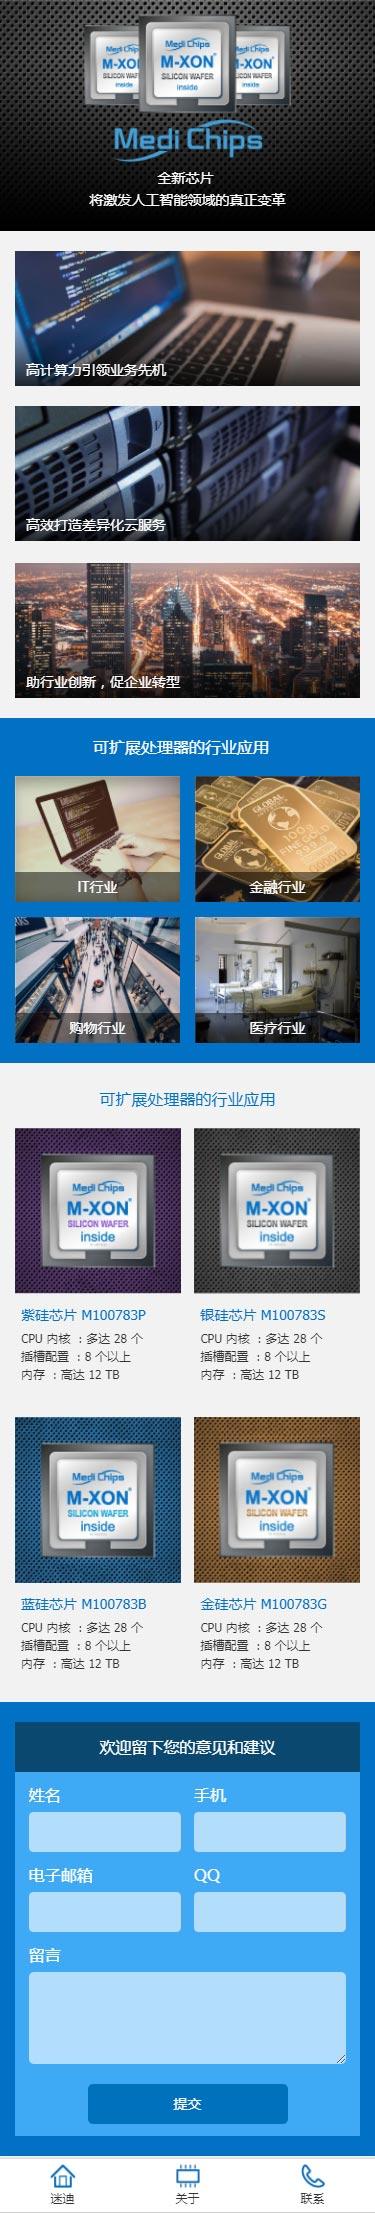 mc电子芯片展示模板